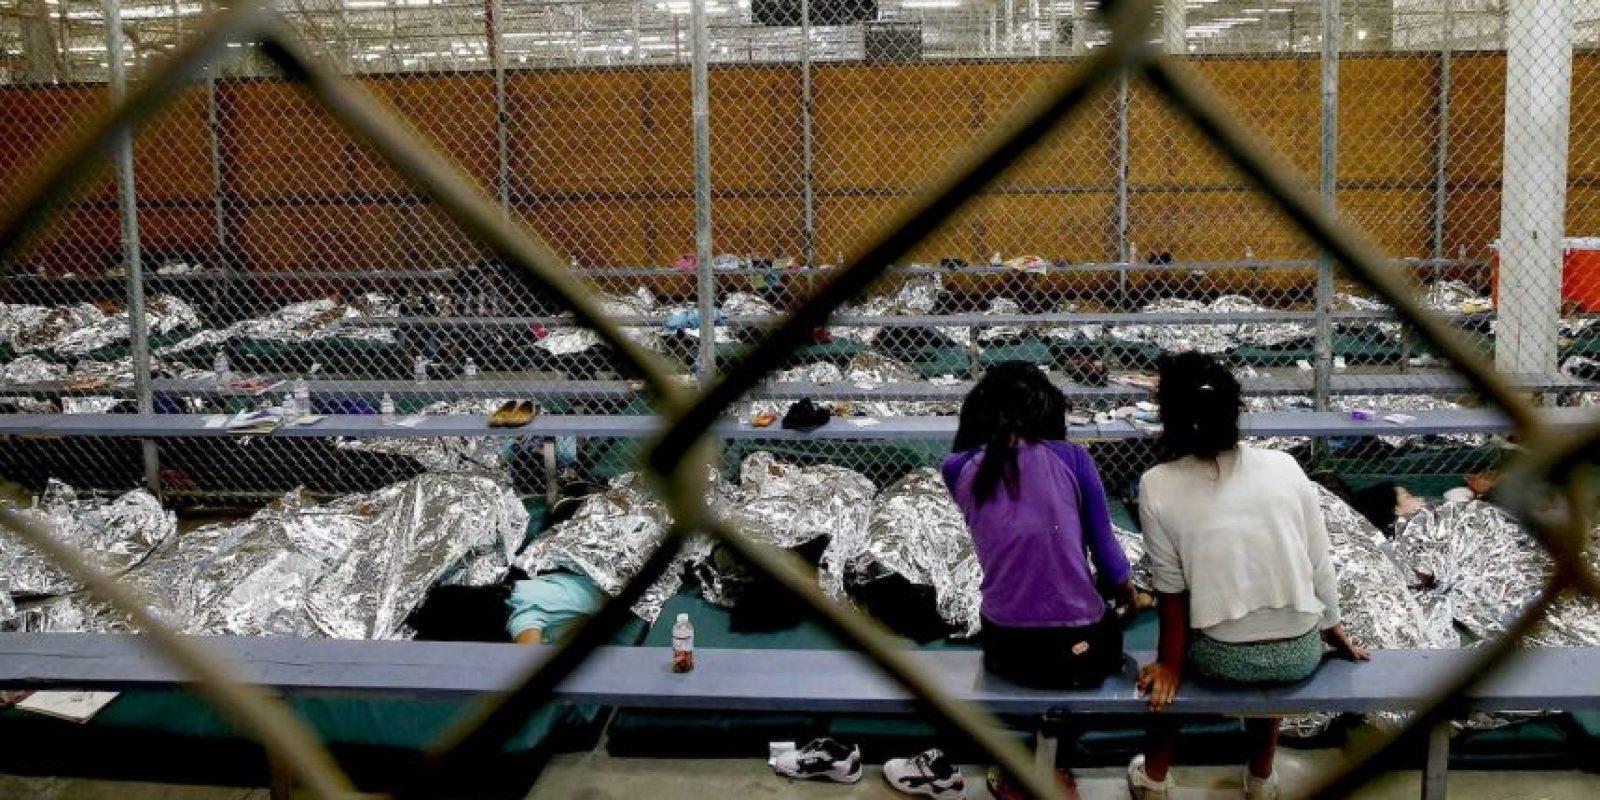 La tolerancia social y la falta de conciencia también contribuyen a que no se denuncien muchos de los casos. Foto:Getty Images